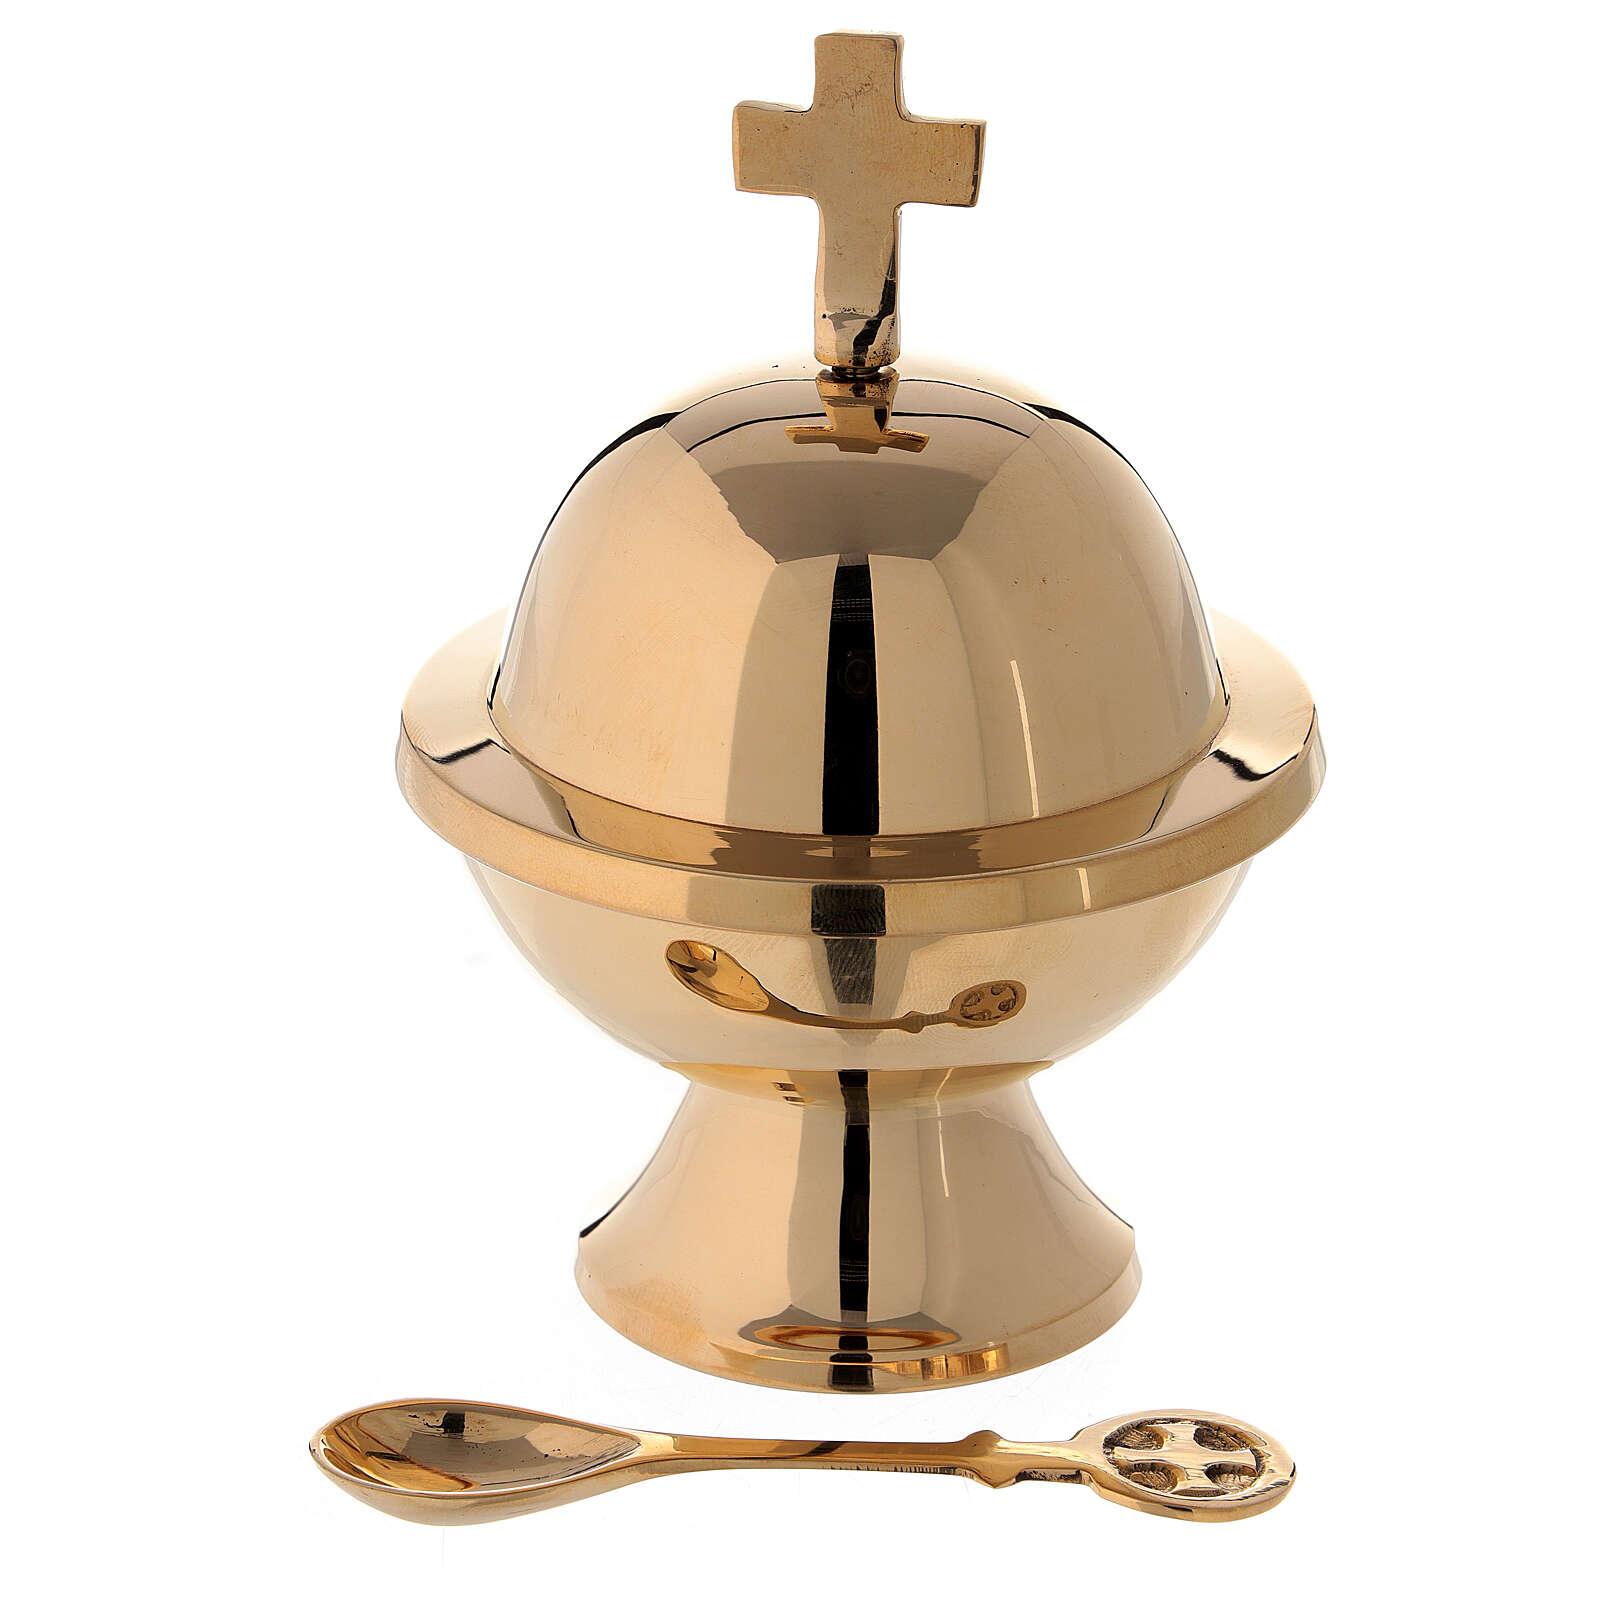 Naveta esférica cuchara latón dorado altura 13 cm 3